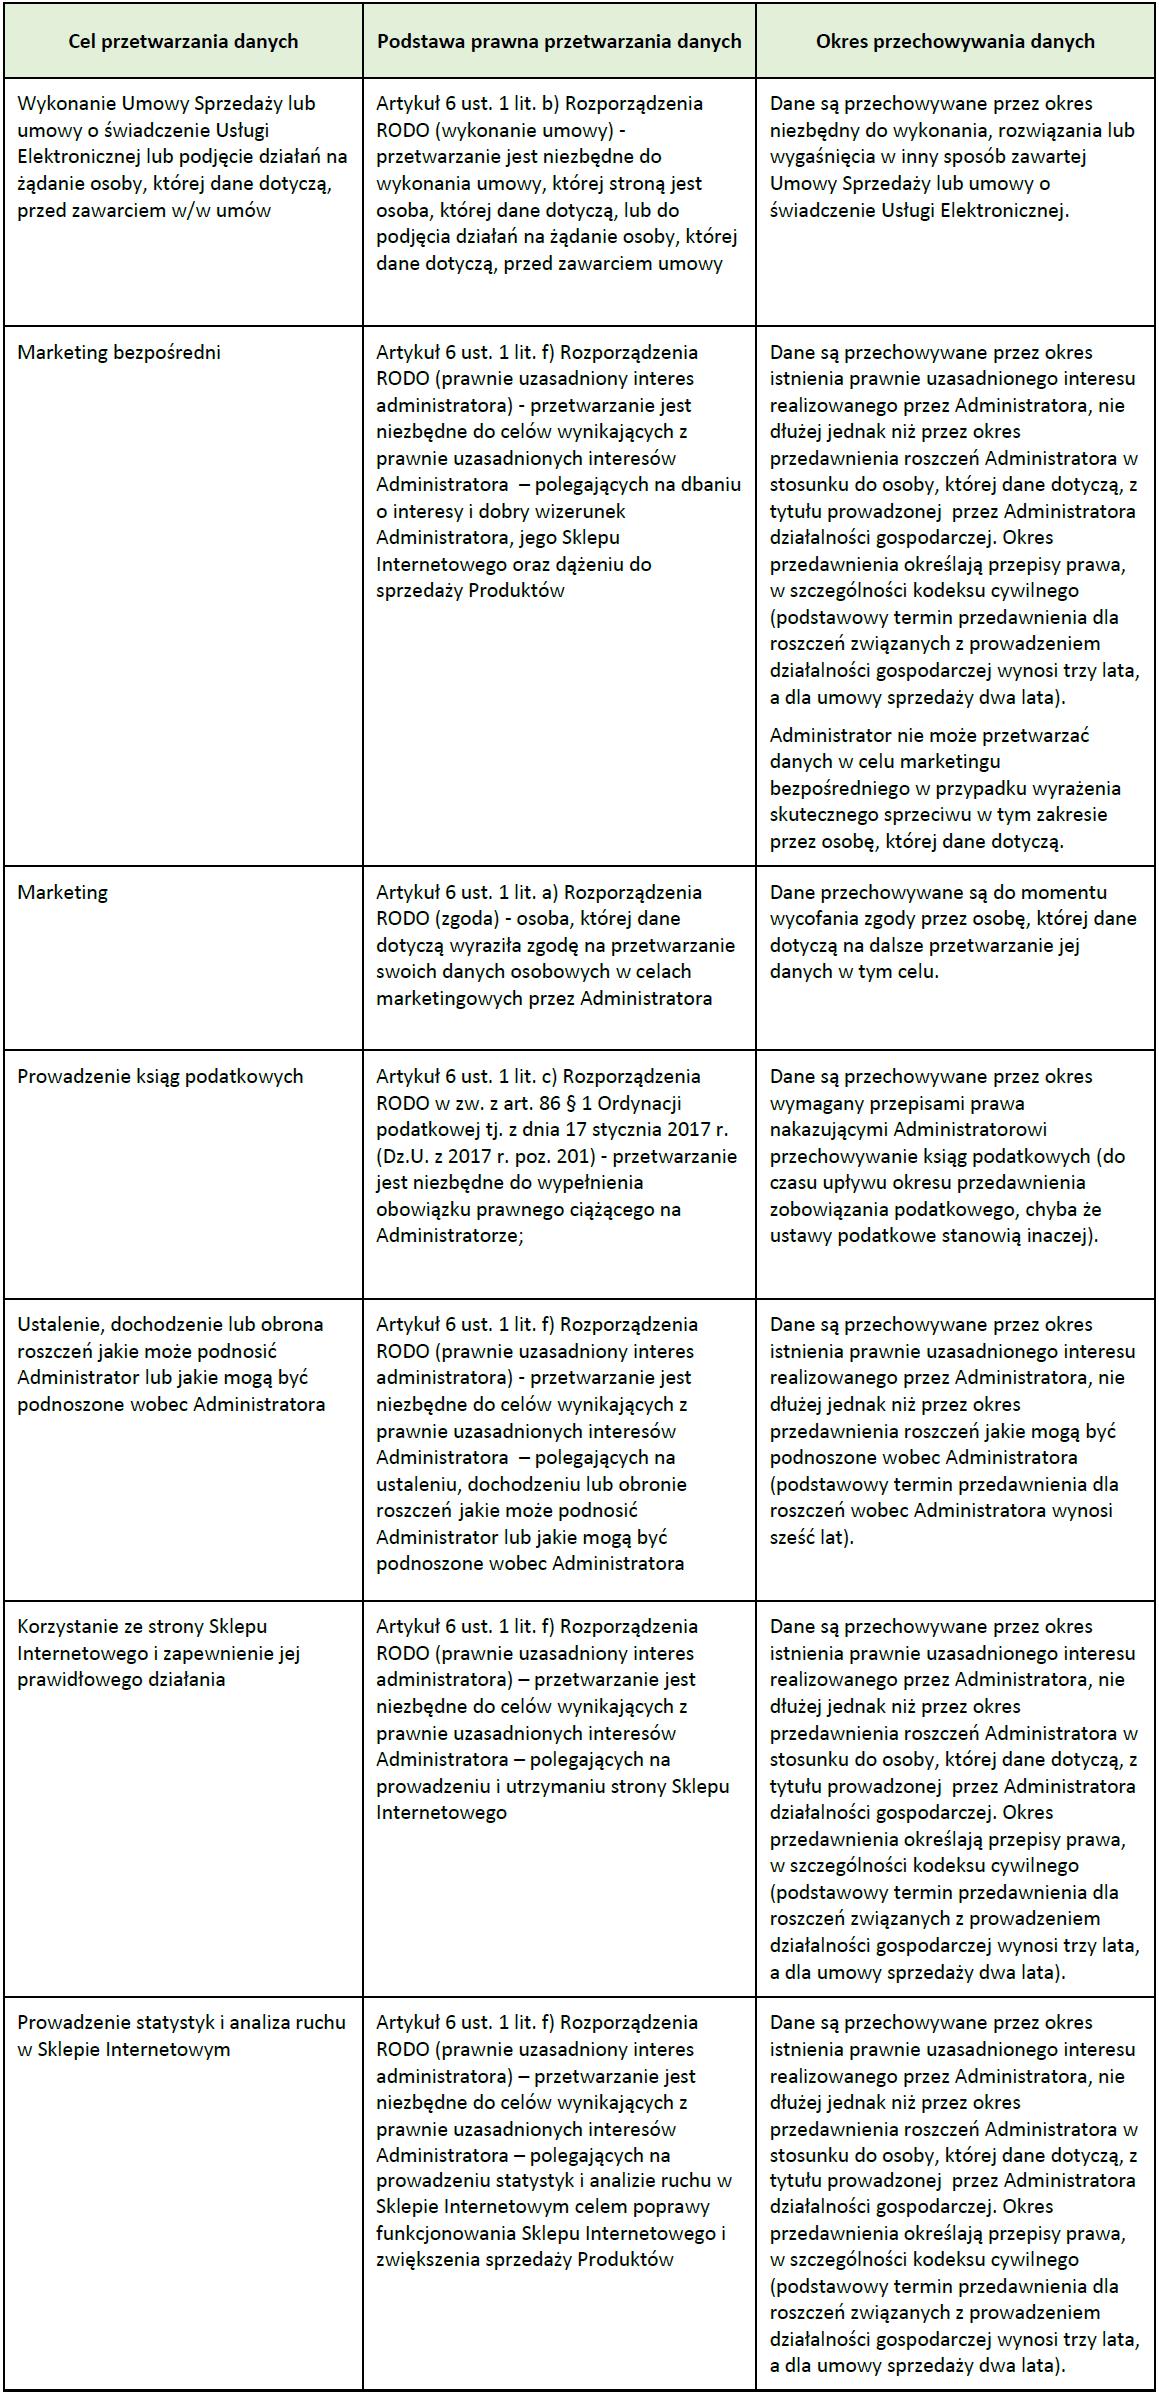 tabela_polityka_prywatnosci.png